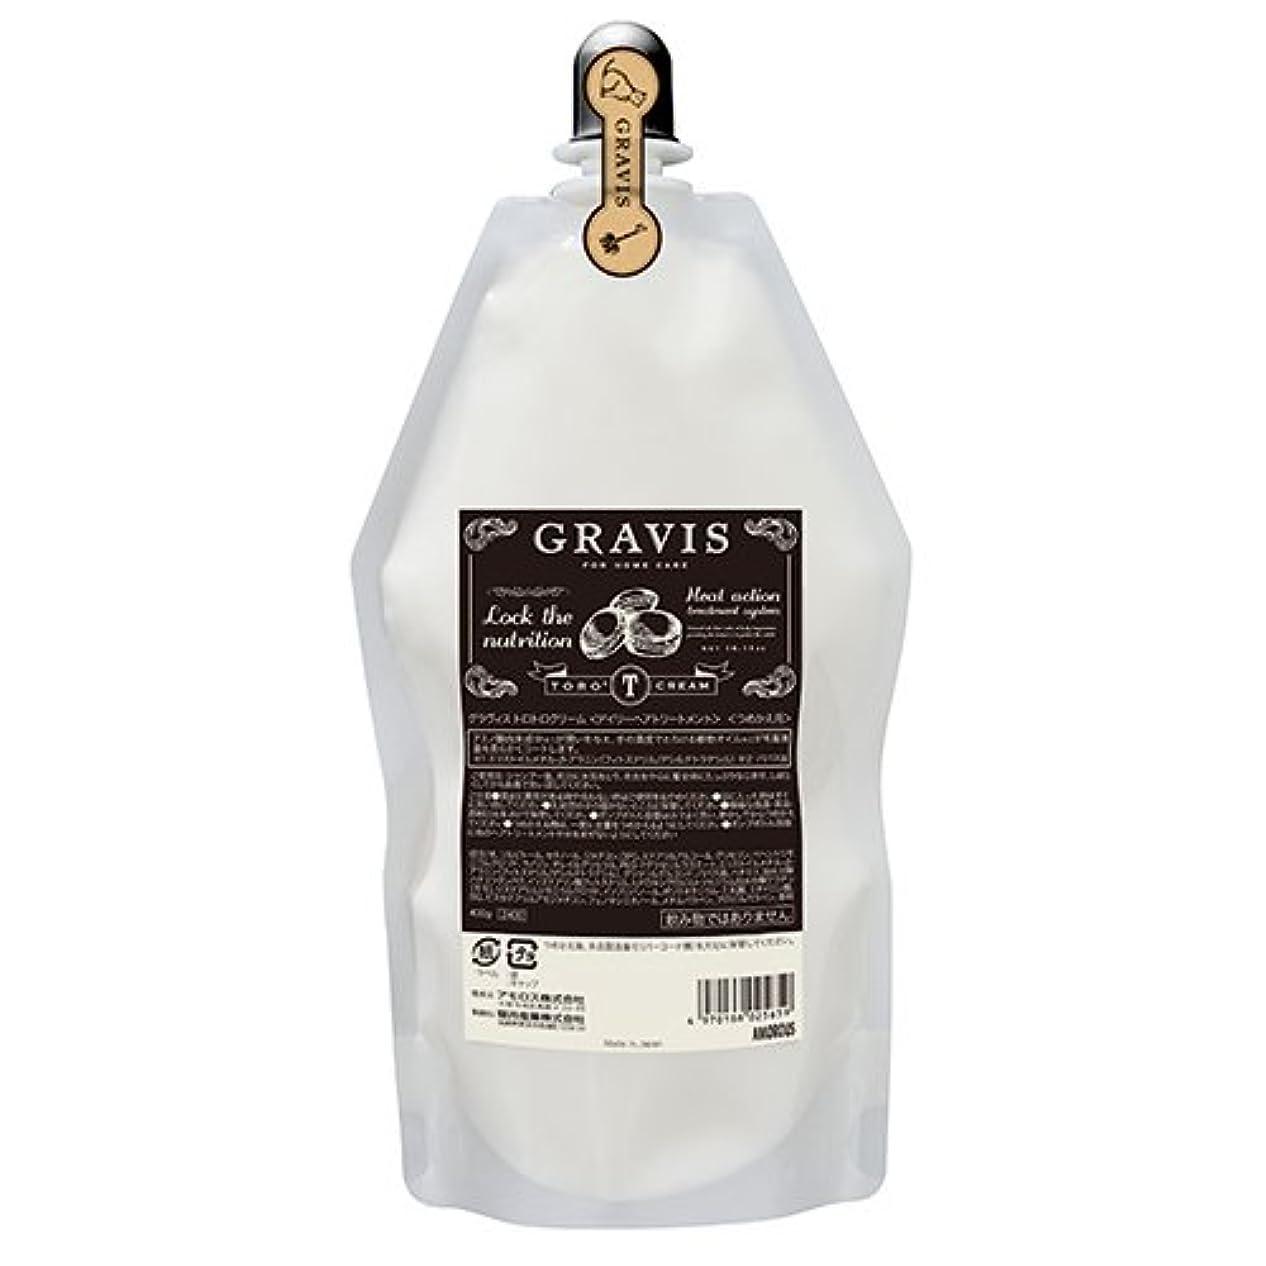 喉が渇いた後方法令アモロス グラヴィス トロトロクリーム 400g レフィル